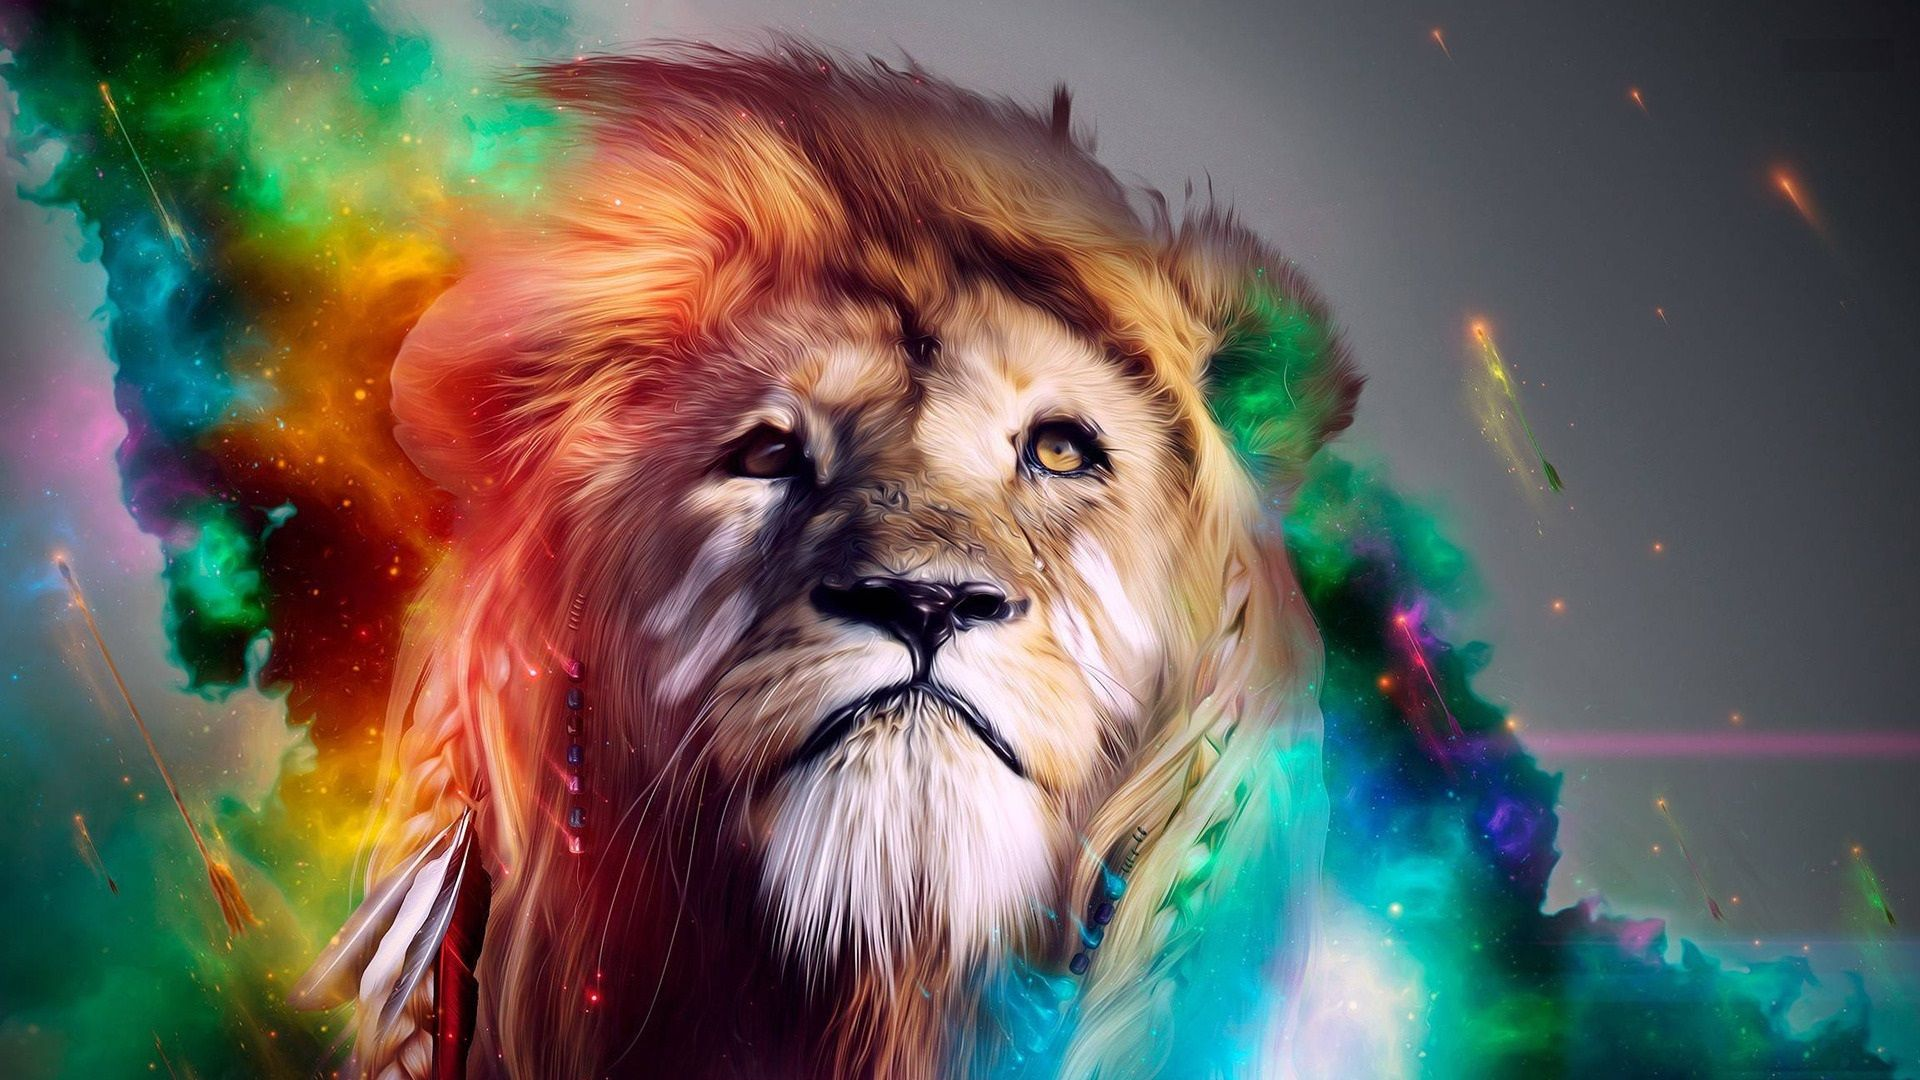 Colourful Lion Animals Pinterest Lion Wallpaper Lion Hd